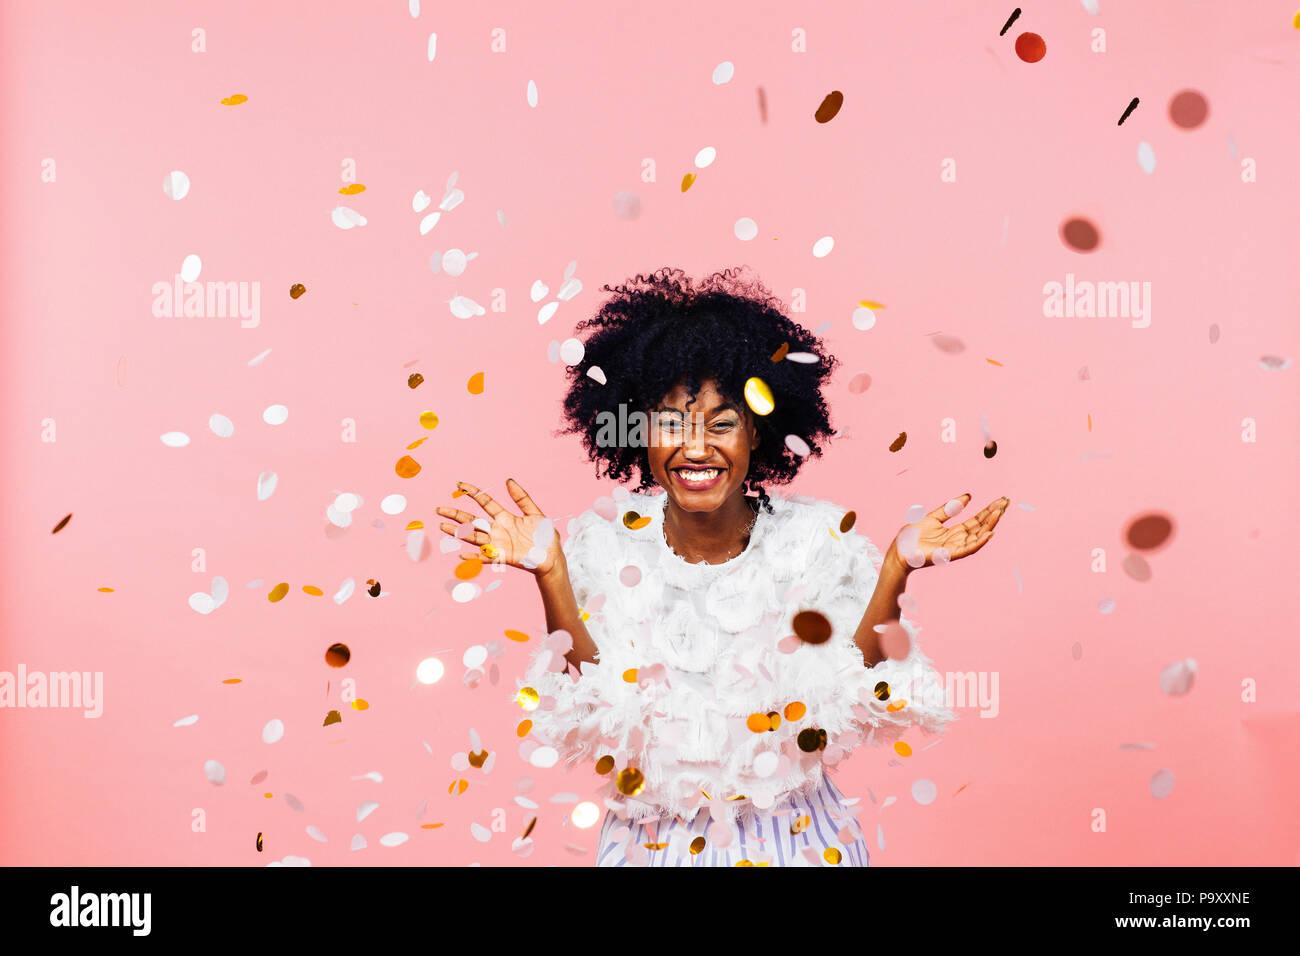 Feiern Glück, junge Frau mit grossen Lächeln werfen Konfetti Stockbild